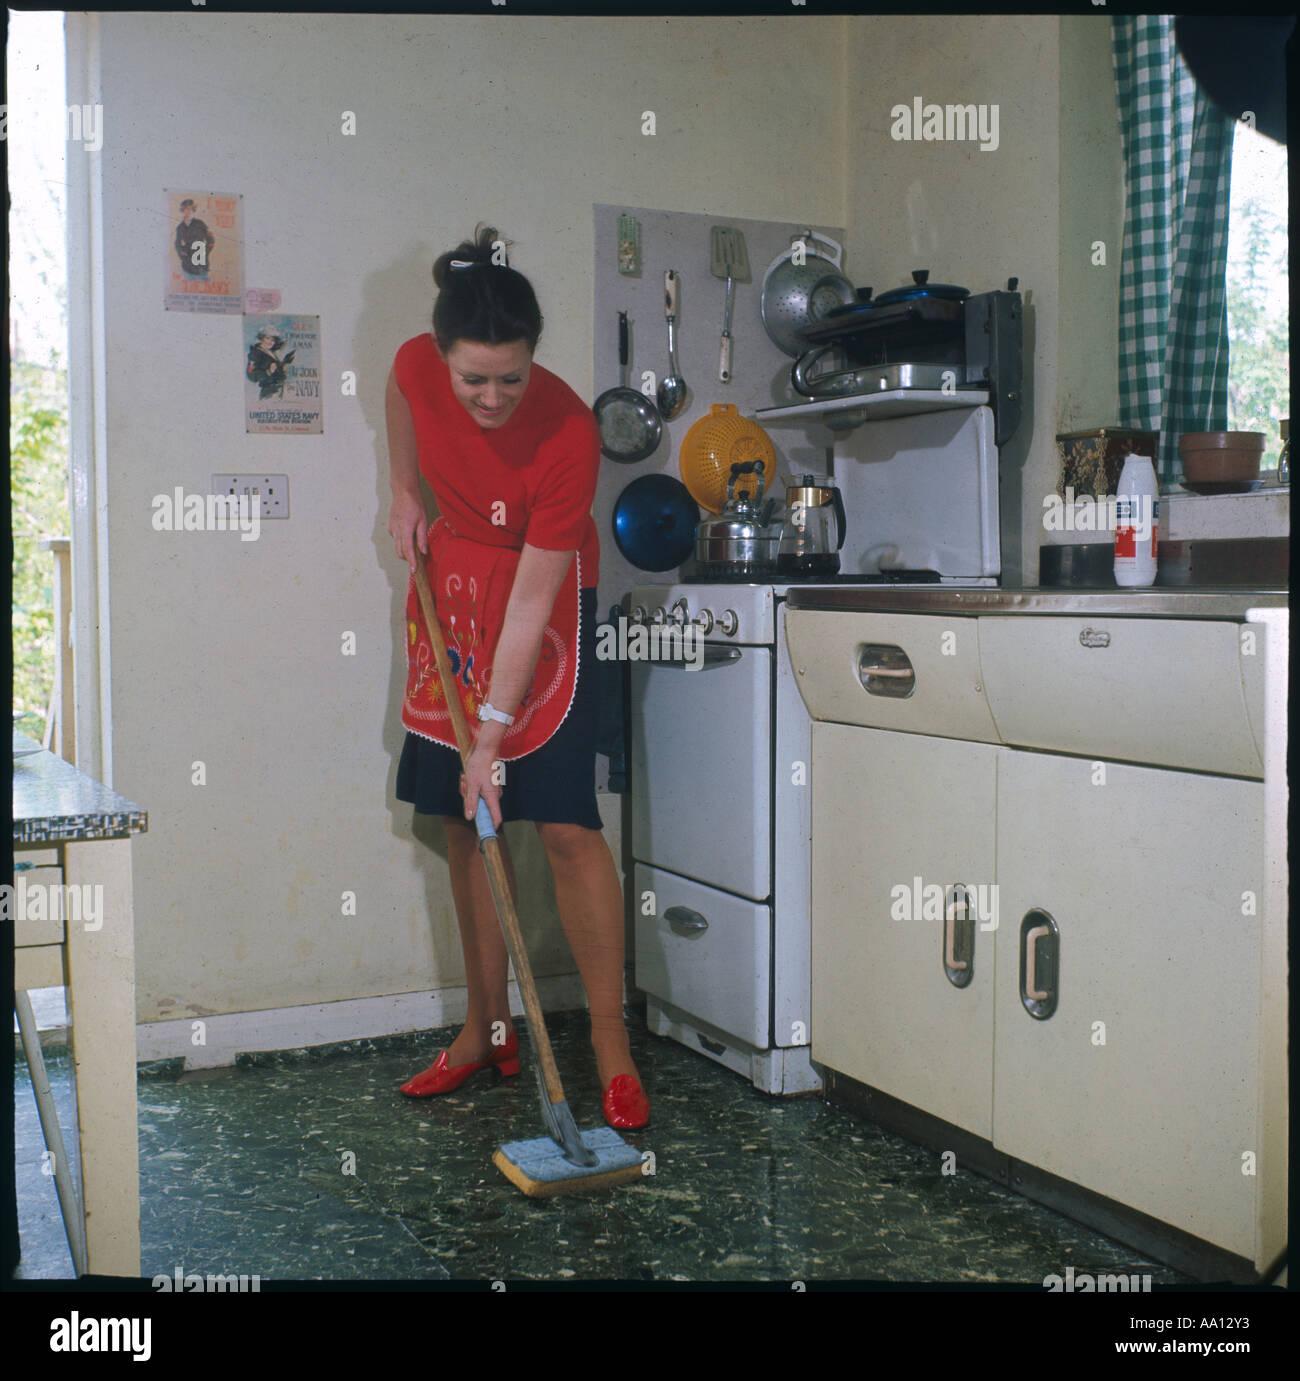 Mopping Kitchen Floor Mopping Kitchen Floor Stock Photo Royalty Free Image 7130930 Alamy